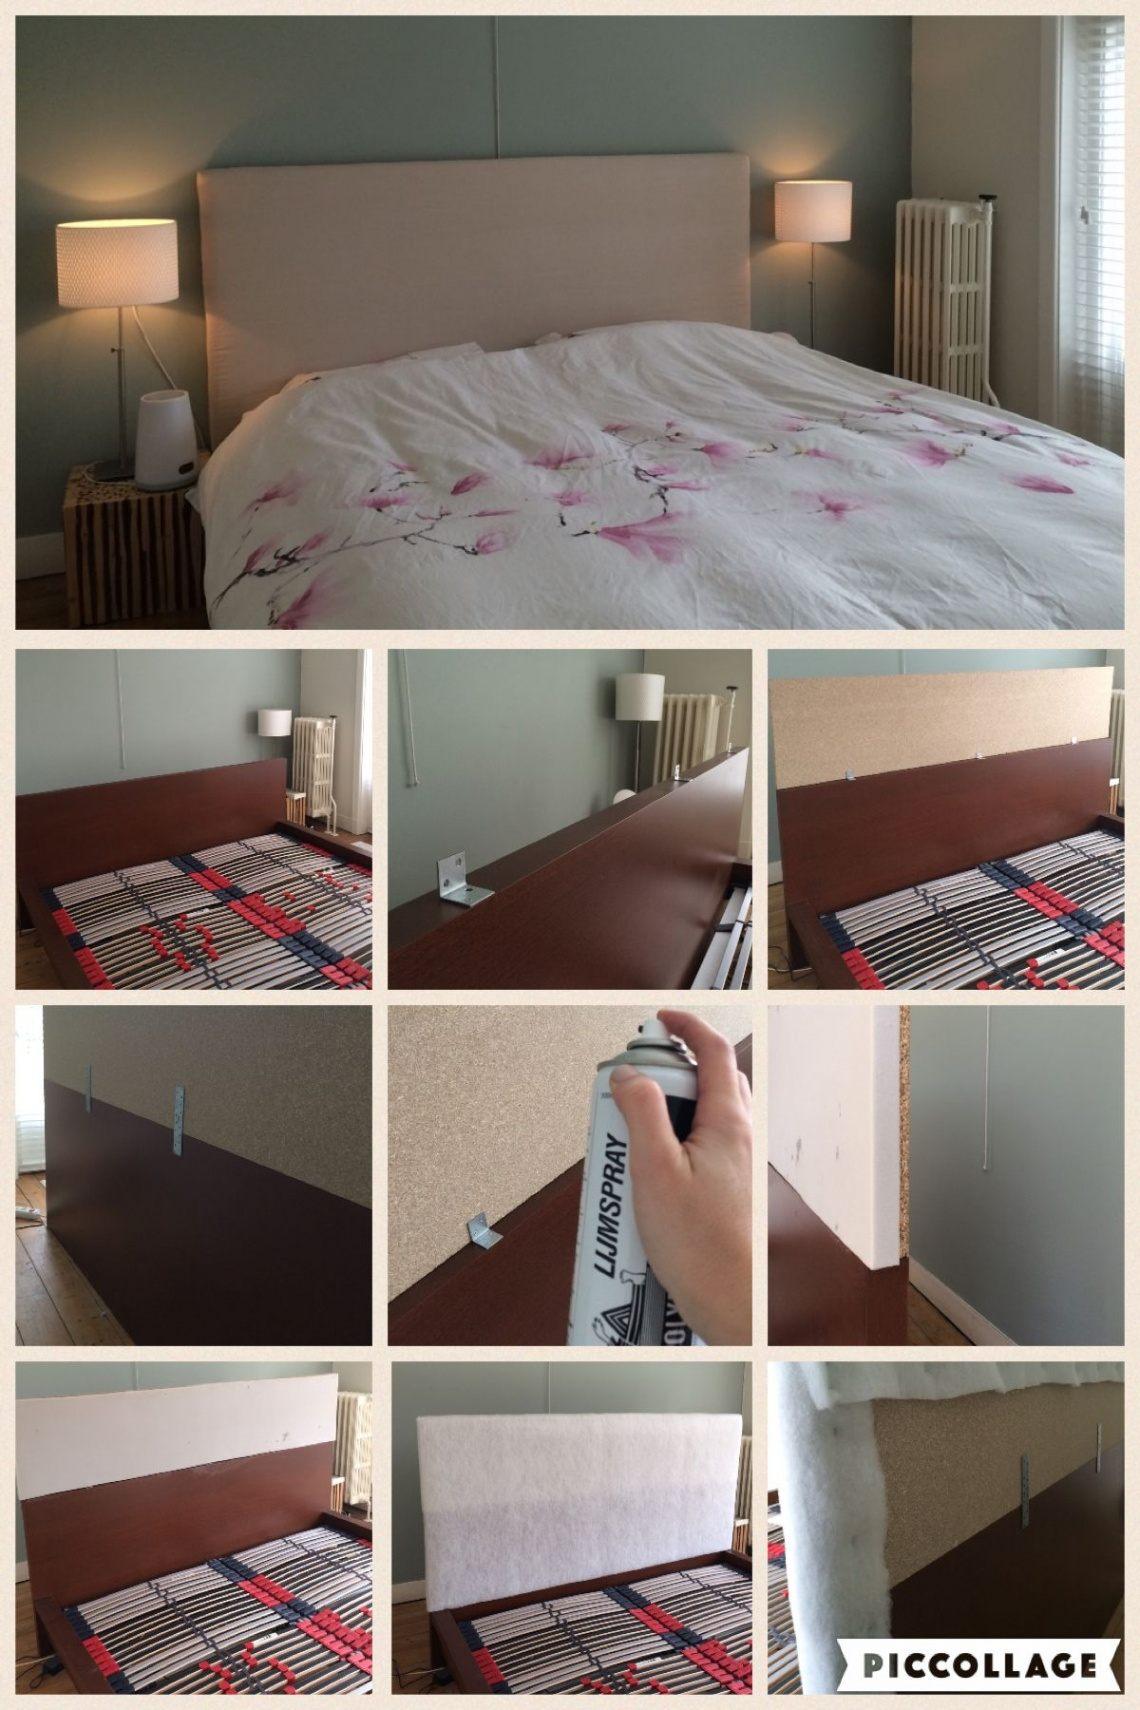 Lit Malm Ikea 90 Nouveau Ikea Tete De Lit Malm Cool Affordable Rangement De Lit Lit Places S